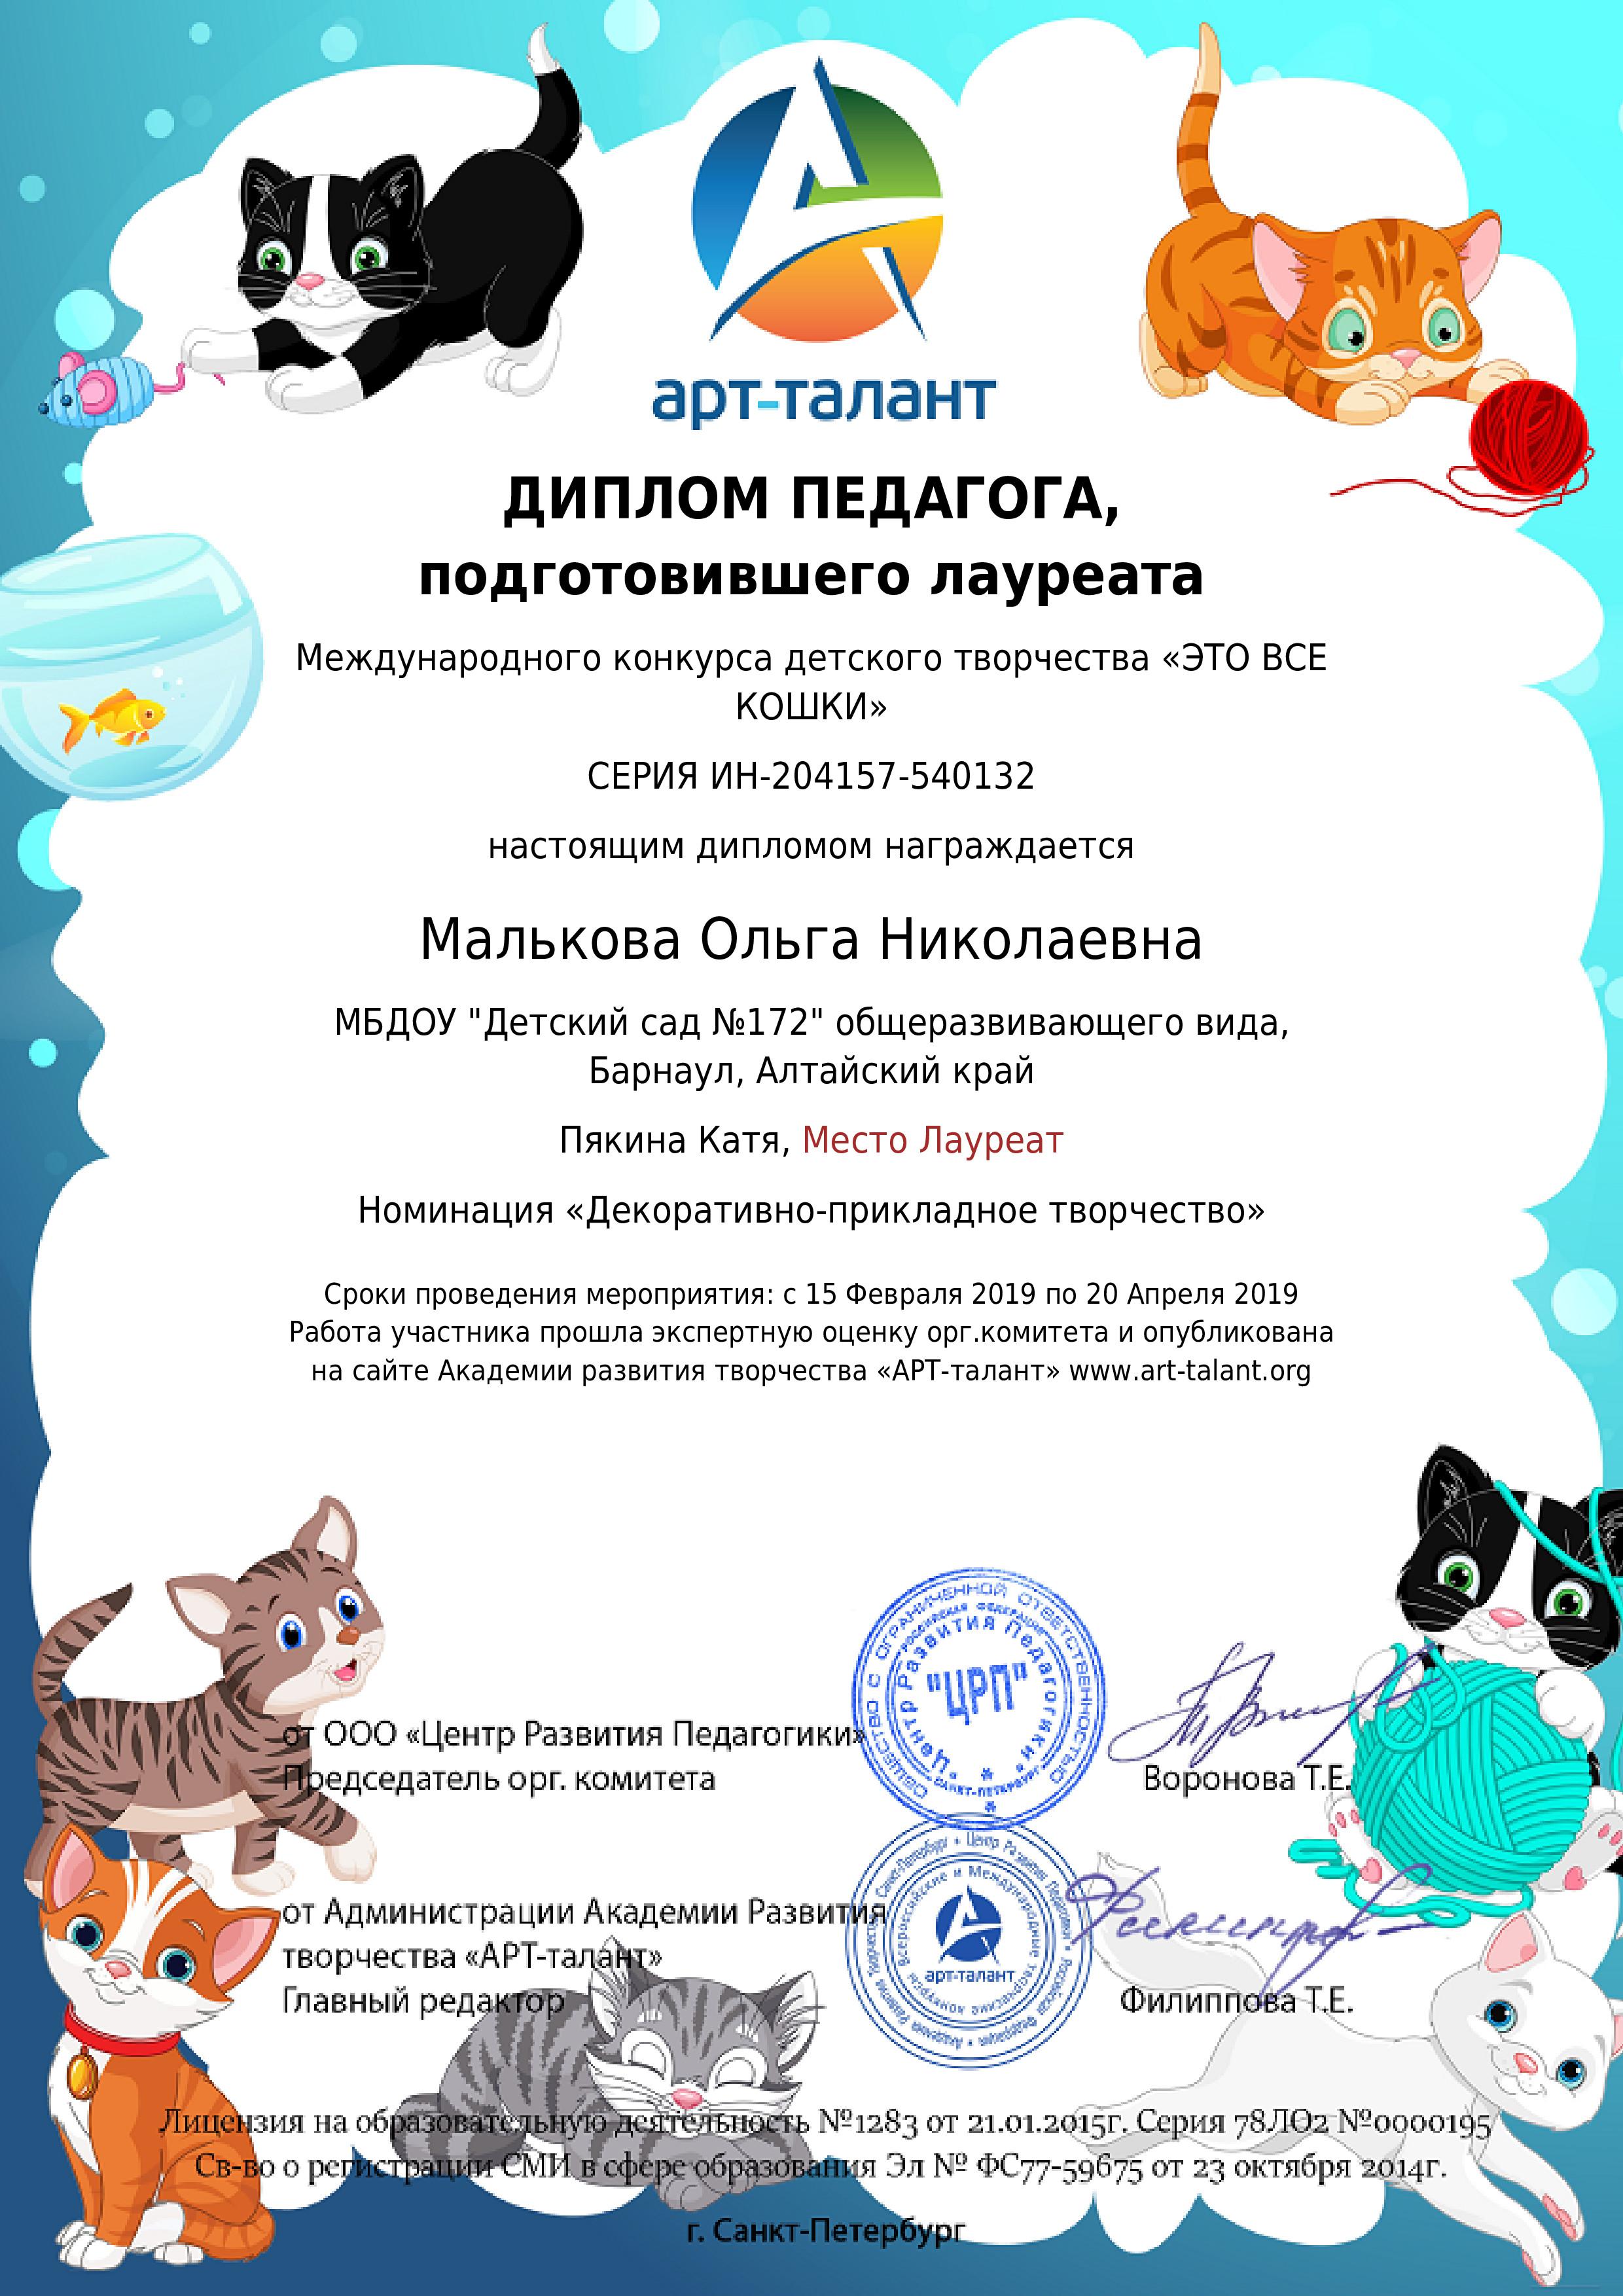 Малькова-Ольга-Николаевна